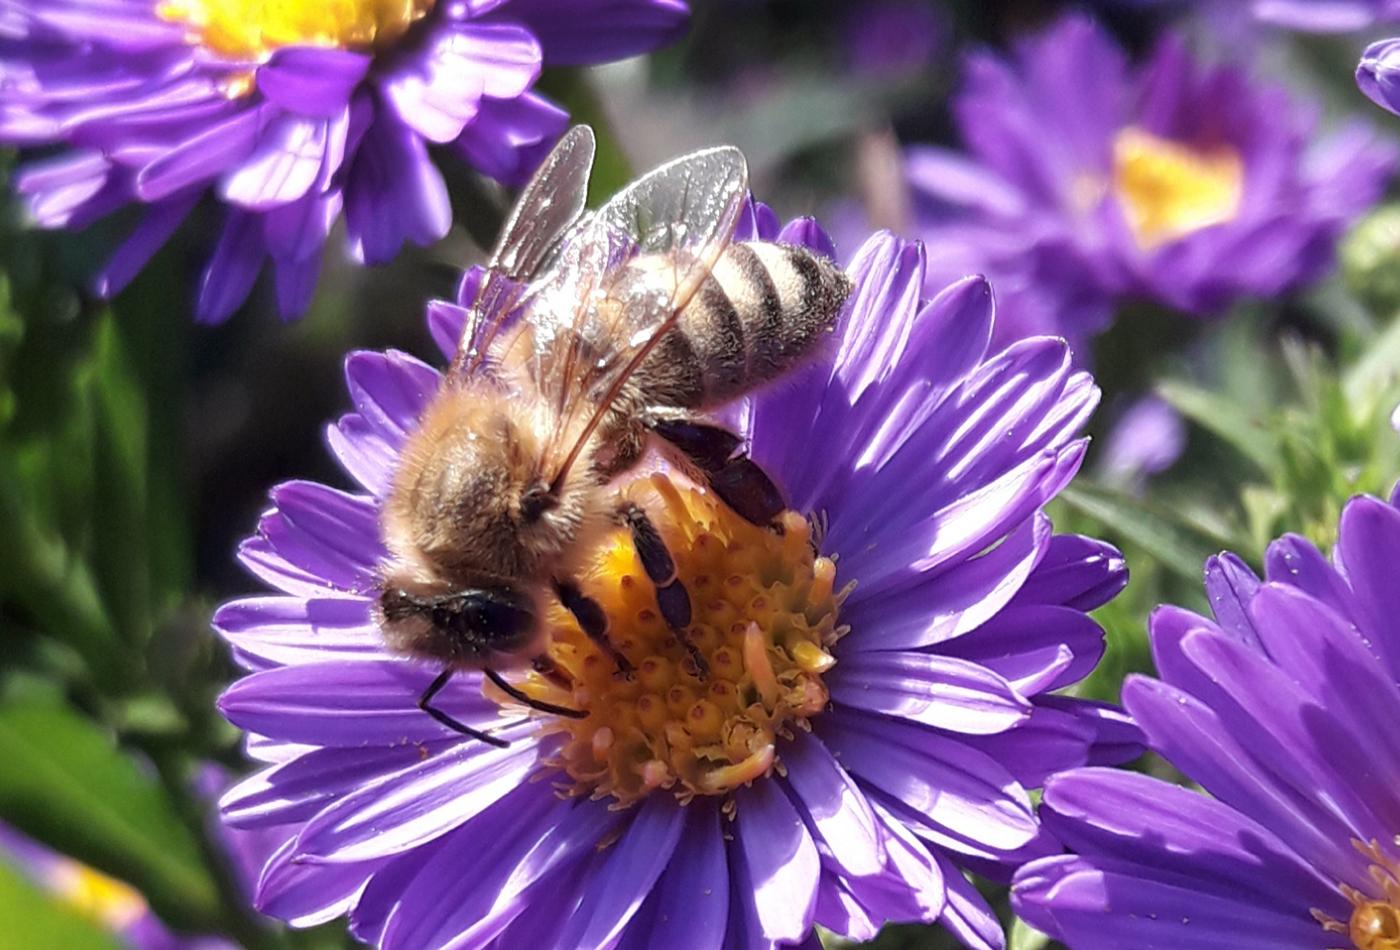 Bei erlebnisreichen Workshops mit der Imkerin im Zoo erfahren die Teilnehmer Spannendes und Wissenswertes rund um die Entstehung, Gewinnung und den Nutzen von Bienenprodukten (Foto: Elfner-Häfele)